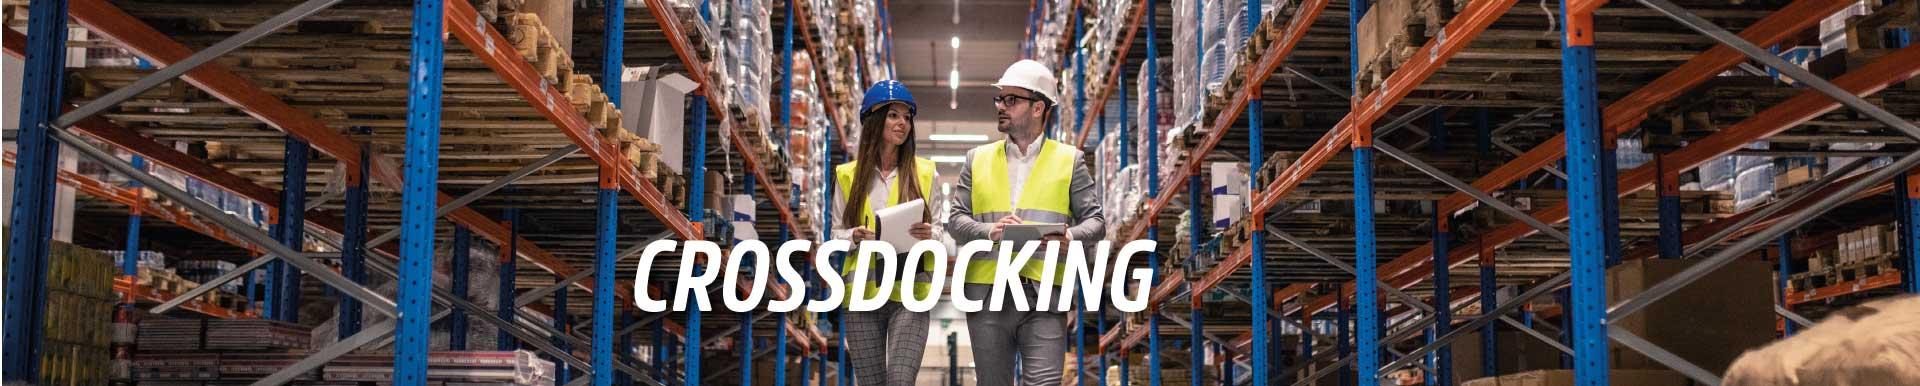 Venture Cargo - serviços - crossdocking